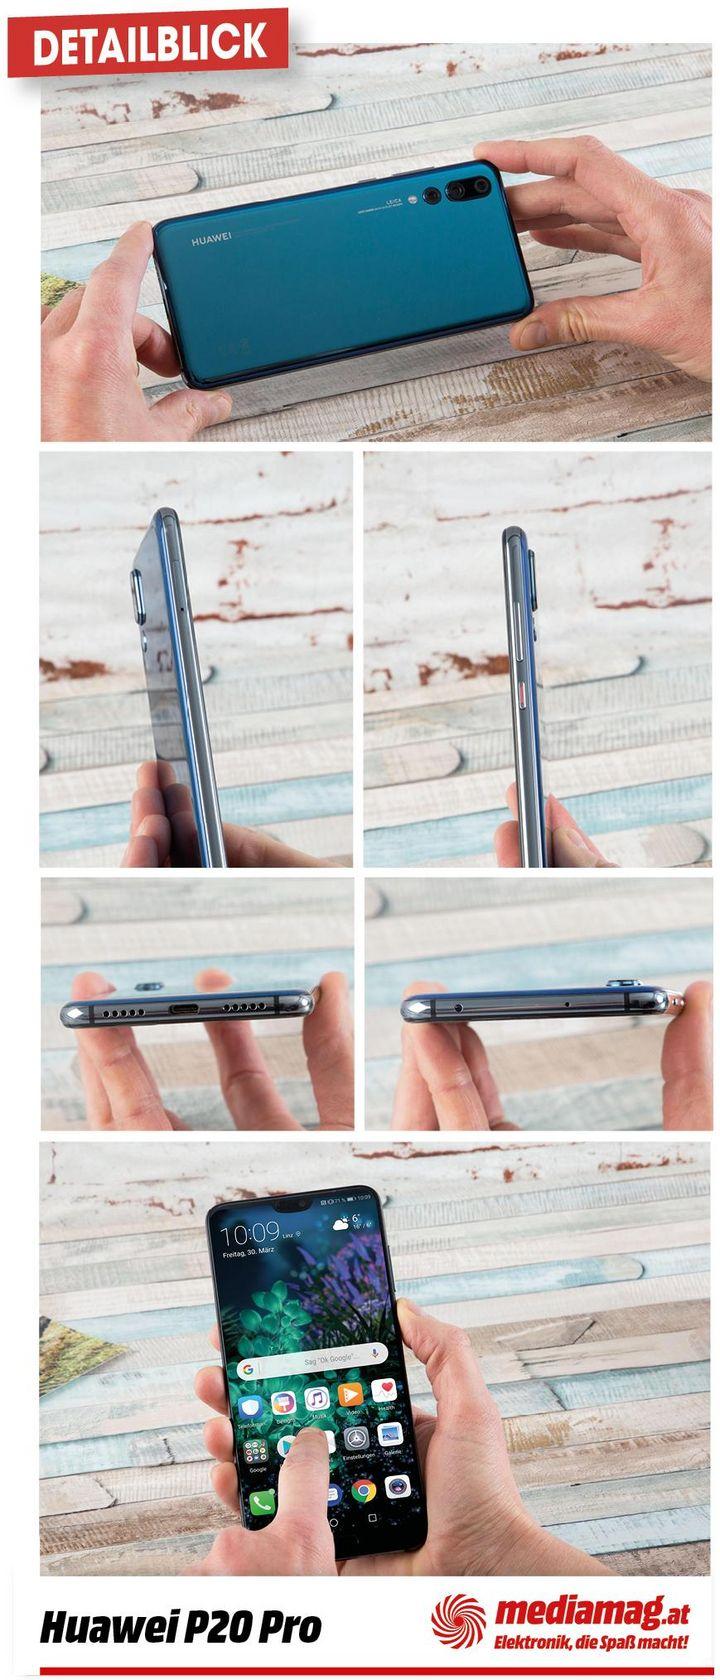 Die wichtigsten Details des Huawei P20 Pro.